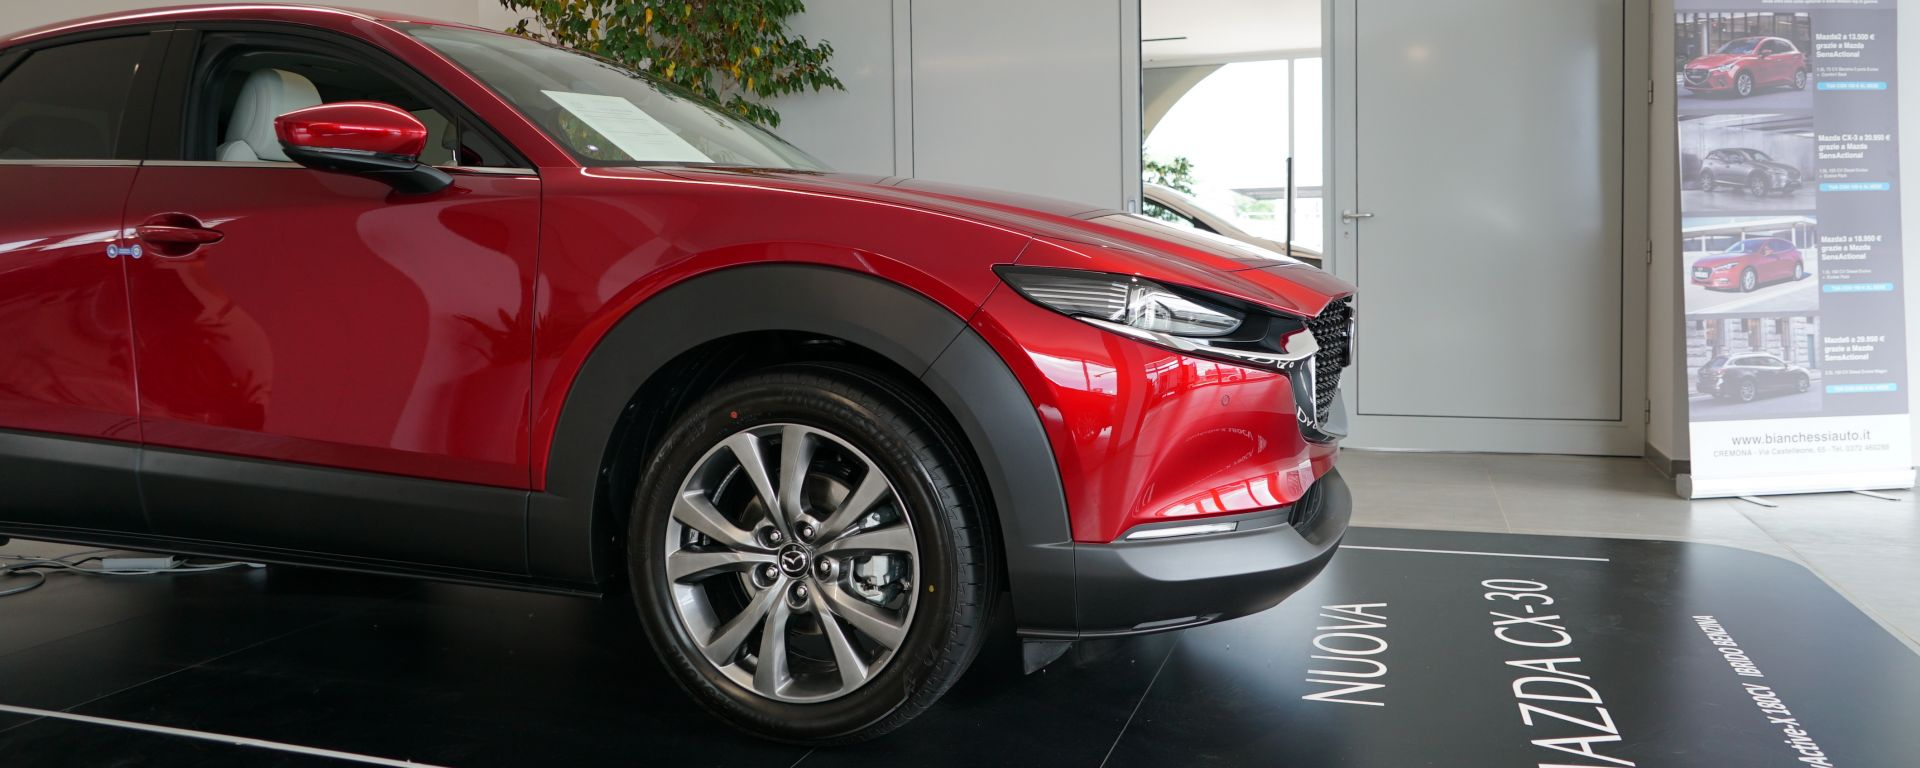 Bianchessi Auto, Concessionaria Mazda Cremona